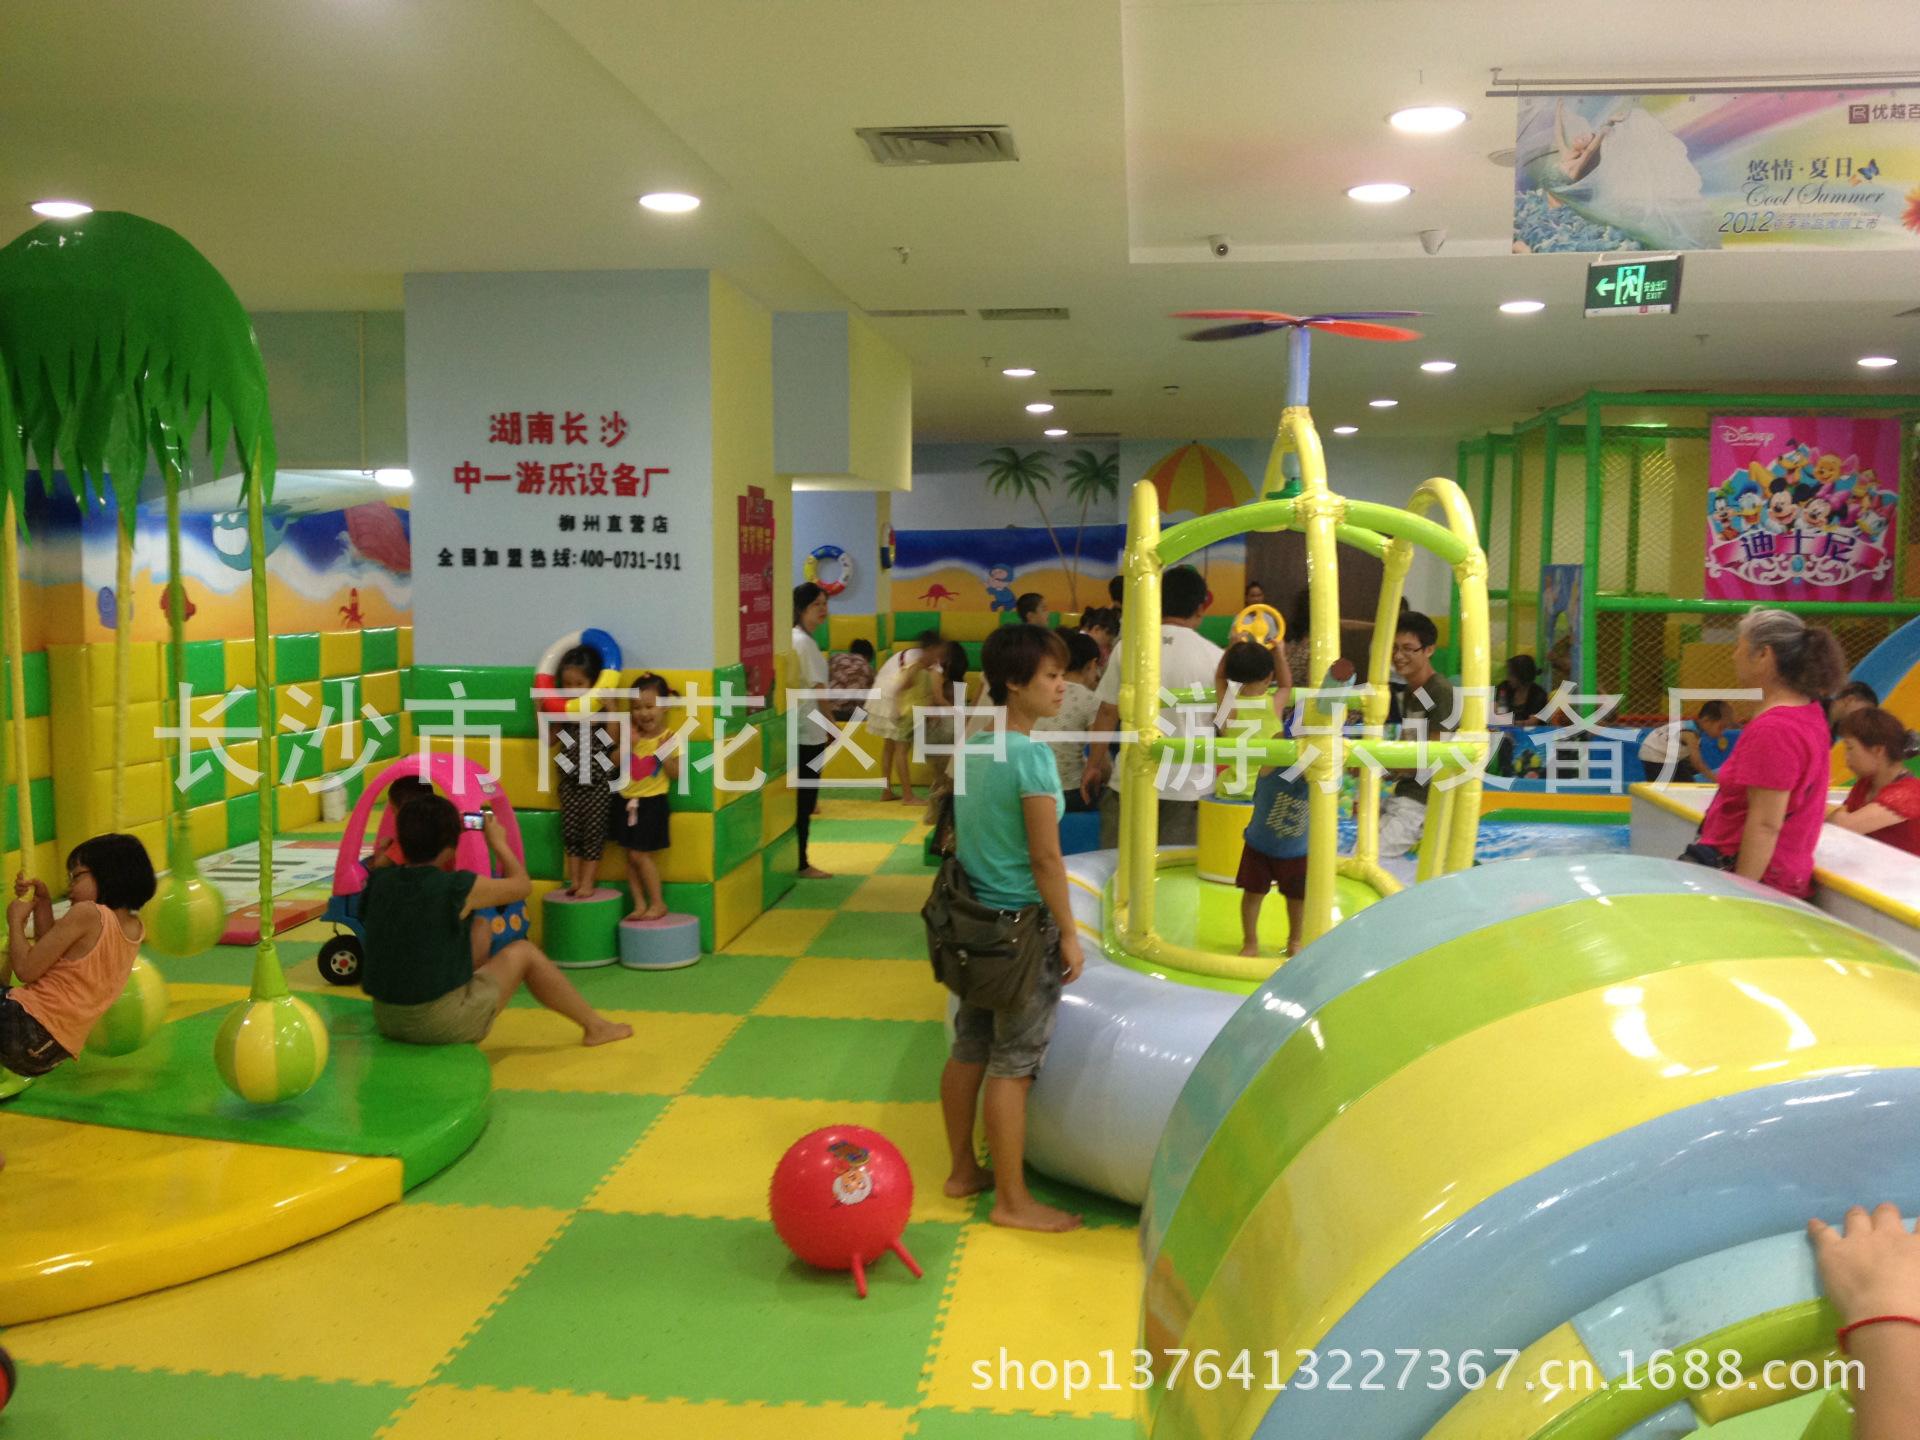 儿童游乐设备 室内游乐场 淘气堡 电动淘气堡 室内游乐设施 -价